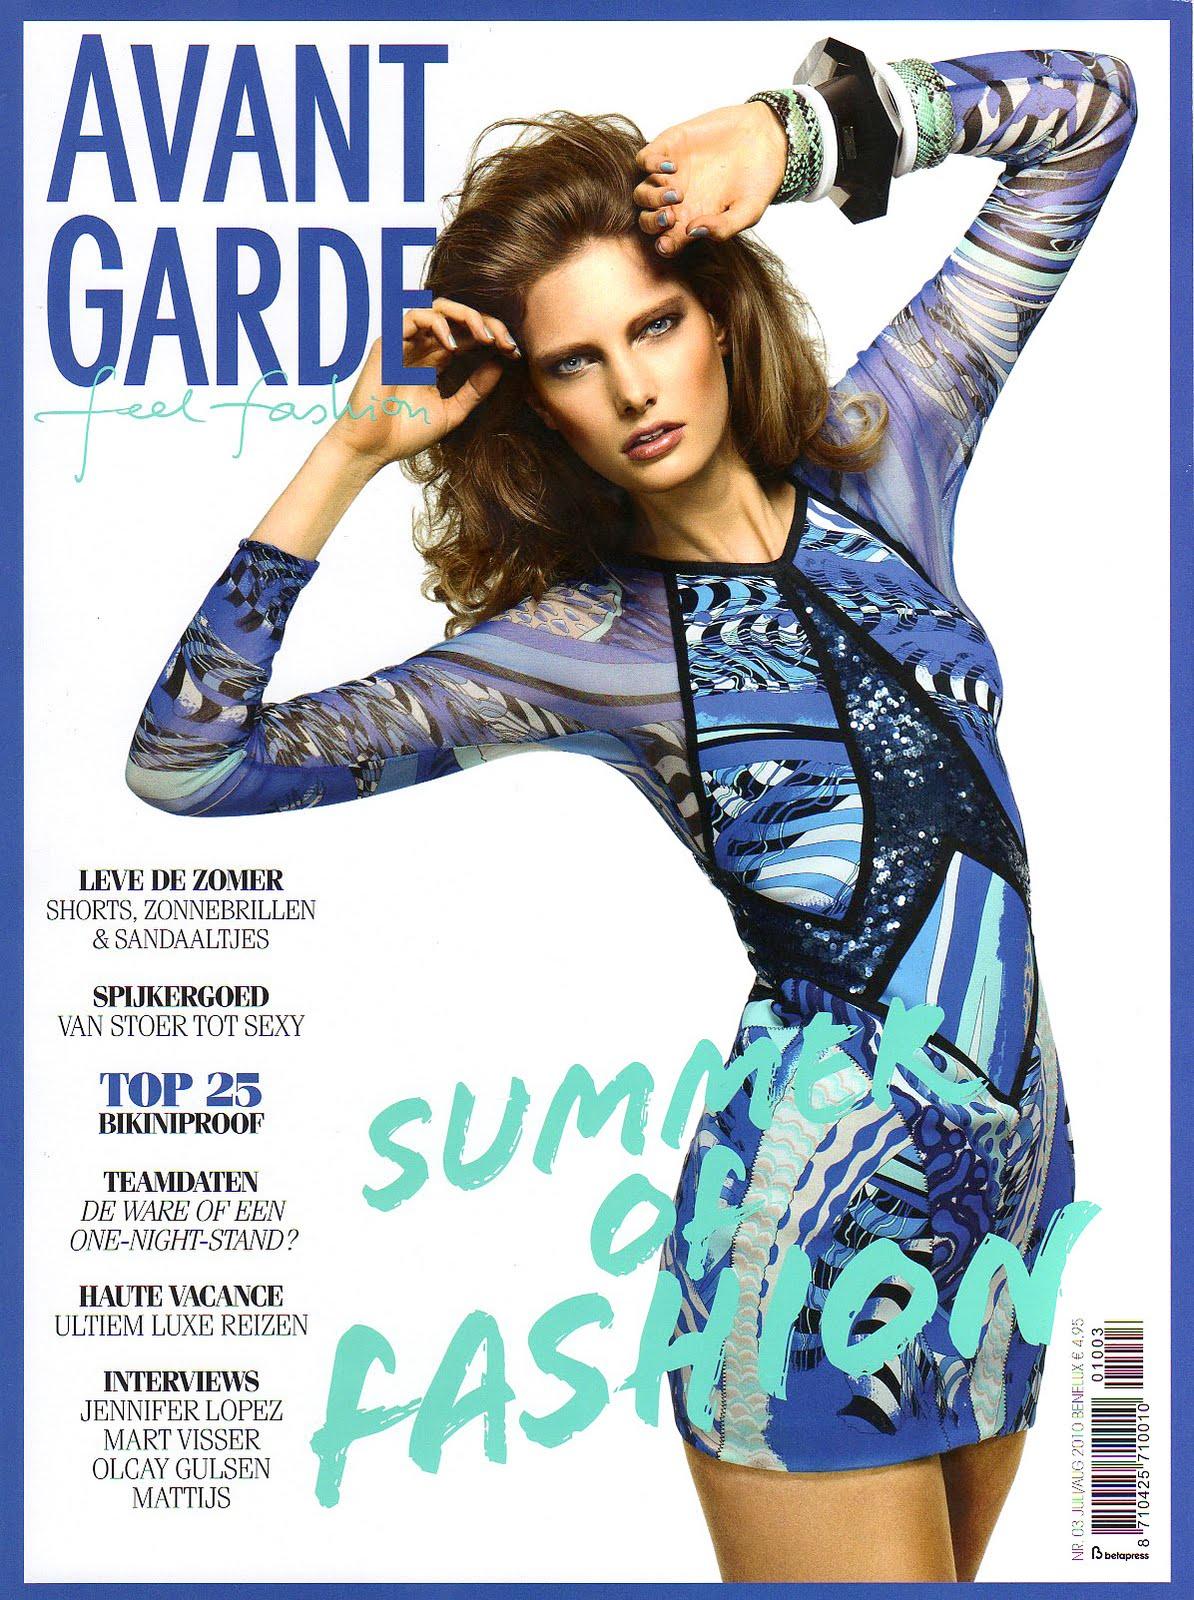 http://2.bp.blogspot.com/_owEPK0DJ6L4/TD4FmJwpjmI/AAAAAAAAro0/TW0A-Dl5MOk/s1600/Ylonka+Verheul+by+Duy+Quoc+Vo+%28AvantGarde+Magazine+July-August+2010%29.jpg